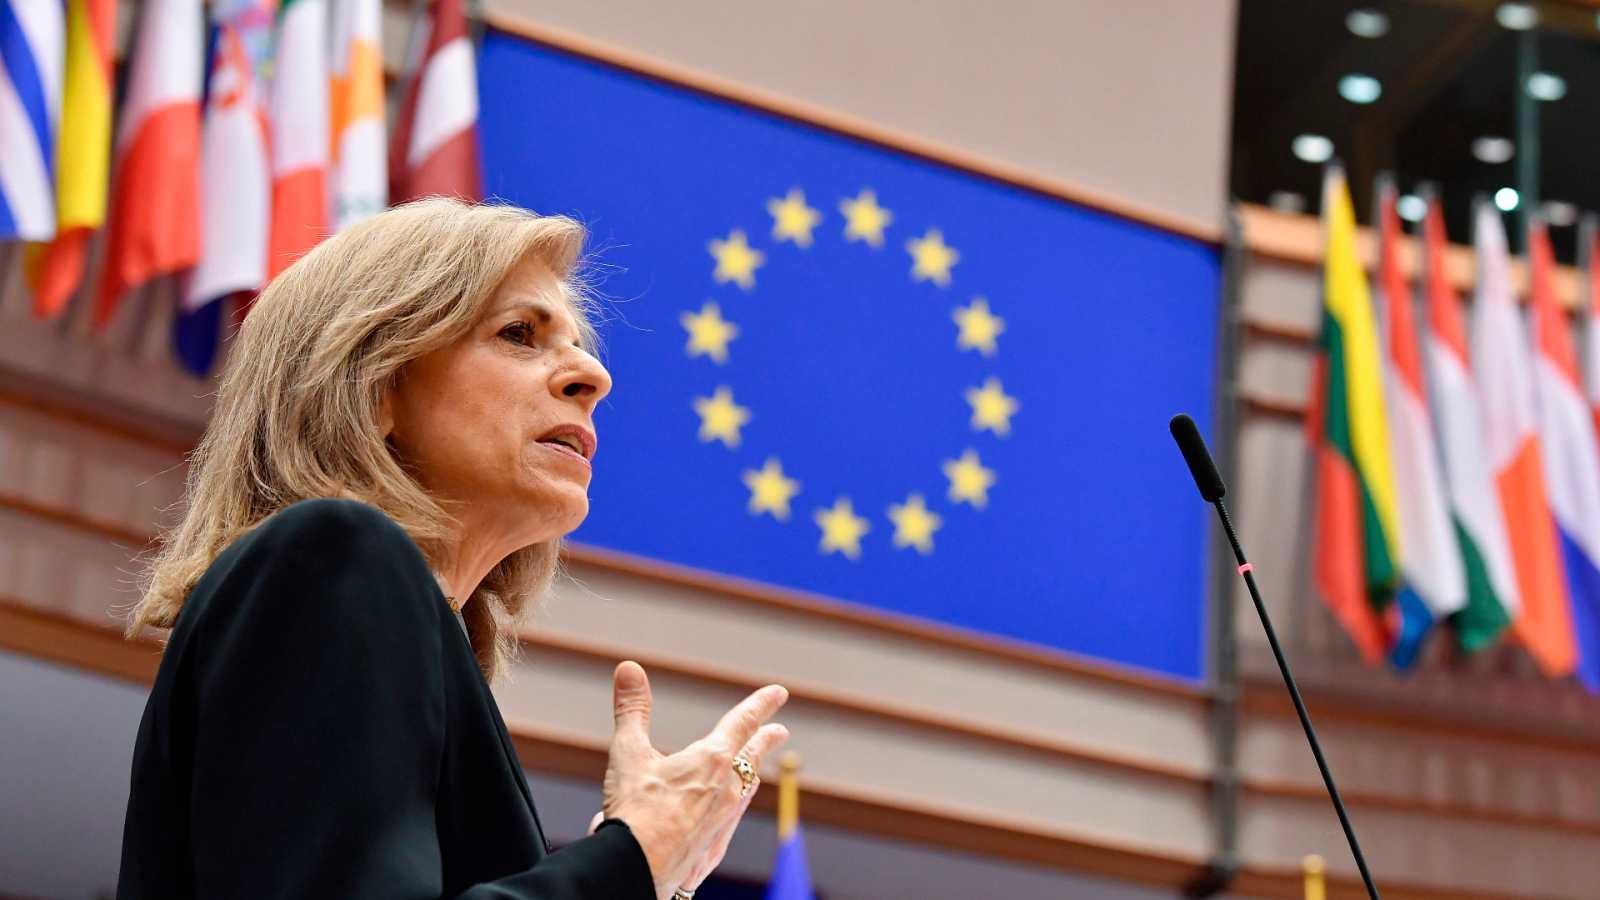 Boletines RNE - Bruselas insta a los países miembro a acelerar el proceso de vacunación - Escuchar ahora